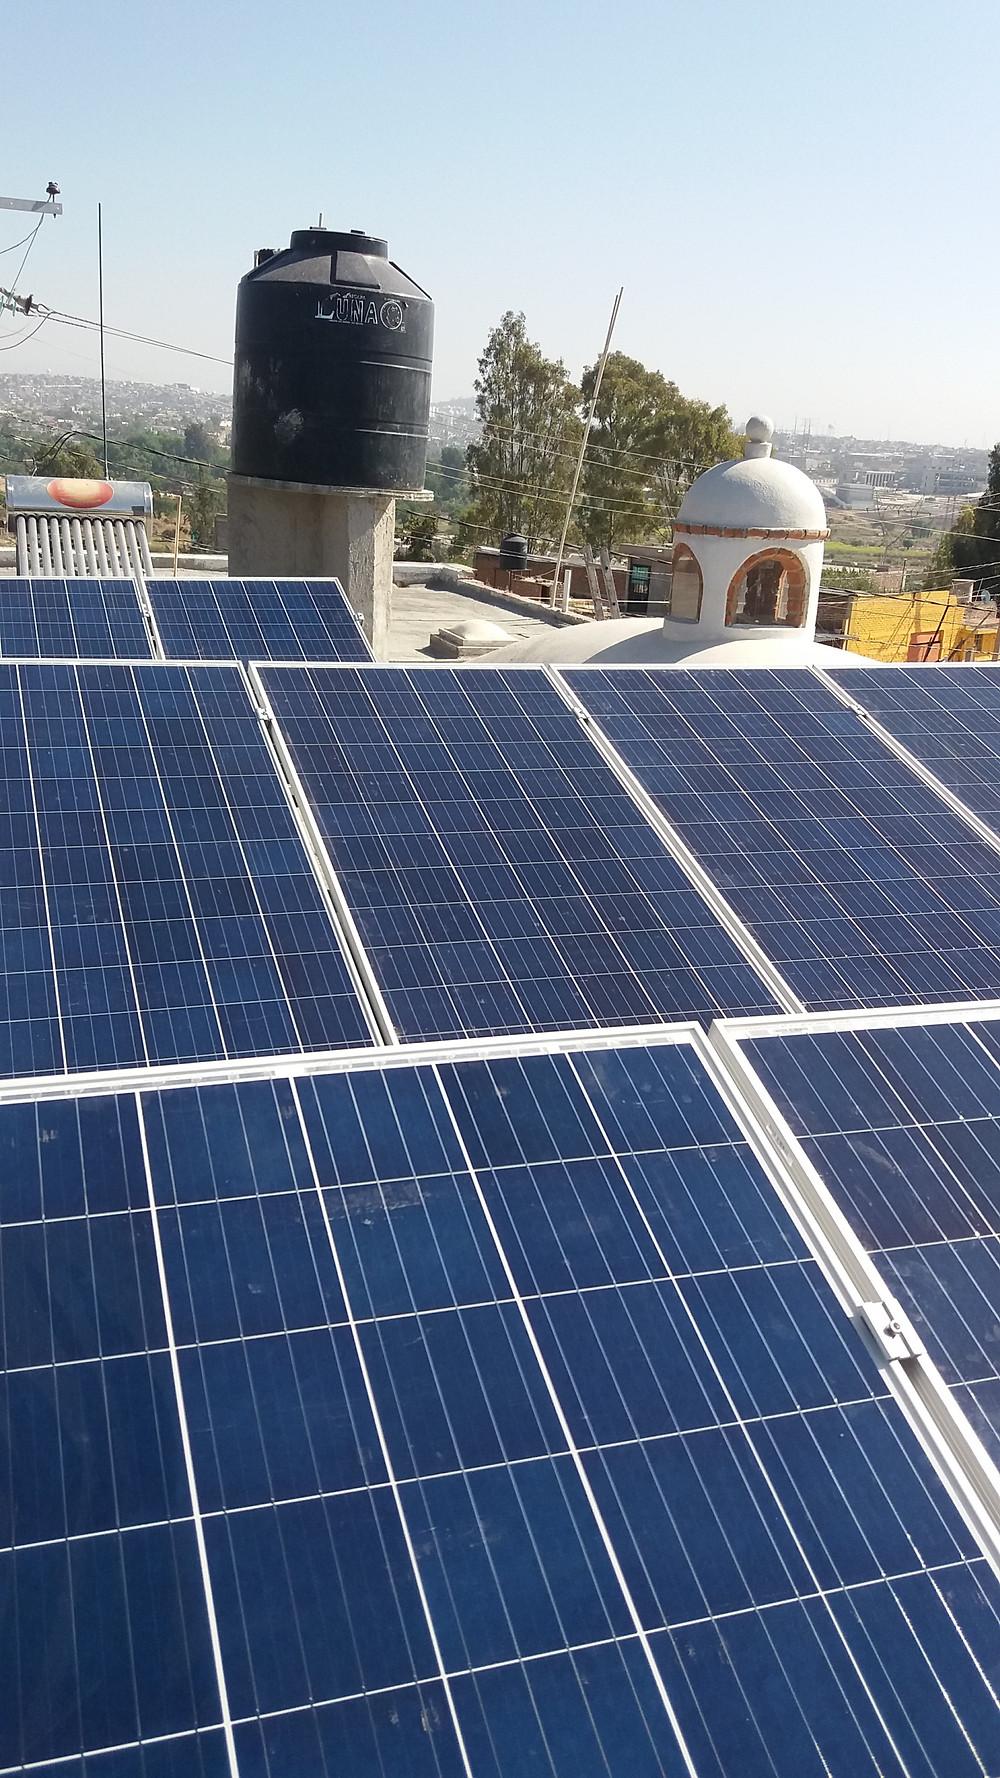 Una de las primeras preguntas cuando pensamos en realizar una instalación solar es ¿Cuánto cuestan los paneles solares?.  Para contestar a esta pregunta hay que tener en cuenta que una instalación funciones no solo bastan los paneles solares, sino se necesitan otros accesorios como el Inversor o microinversor, la estructura, cajas combinadoras y/o gabinestes, protecciones eléctricas, cable fotovoltaico entre otros.  Paneles solares: Los paneles solares tienen un precio en función a su potencia dada en Watts. Para poder comparar el precio entre distintos paneles solares se debe comparar con el índice dólar/watt. Inversor o microinversor: Su precio varía en función a la potencia total que pueden recibir. Estructura: Es recomendable invertir en una estructura que esté garantizada por 20 años y que no vaya a presentar problemas de oxidación y/o par galvánico. Las instalaciones con nuestro herrero de confianza pueden salir caras a largo plazo. Cajas combinadoras: El uso de cajas combinadoras y gabinetes completamente herméticas impedirán el paso de agua, humedad, y pequeños animales que pueden dañar nuestra instalación. El no invertir en este apartado puede traer un corto circuito o algo peor. Protecciones eléctricas: Lo exige la normativa actual  y no es por capricho. Es una manera de proteger nuestra seguridad y la de nuestra vivienda.  De manera global se puede preguntar por el precio de la instalación en Dólar/Watt. Solo con este índice podremos comparar de manera real las propuestas de las distintas empresas que ofrecen instalación de paneles solares. Siempre siendo importante preguntar a detalle todo lo que incluye y estar seguros que con los materiales que suministrarán se cumpla la norma vigente de instalación de paneles solares, por ejemplo cable fotovoltaico, tubería conduit etiqueta amarilla, interruptores termo magnéticos, fusible y portafusibles, etc.